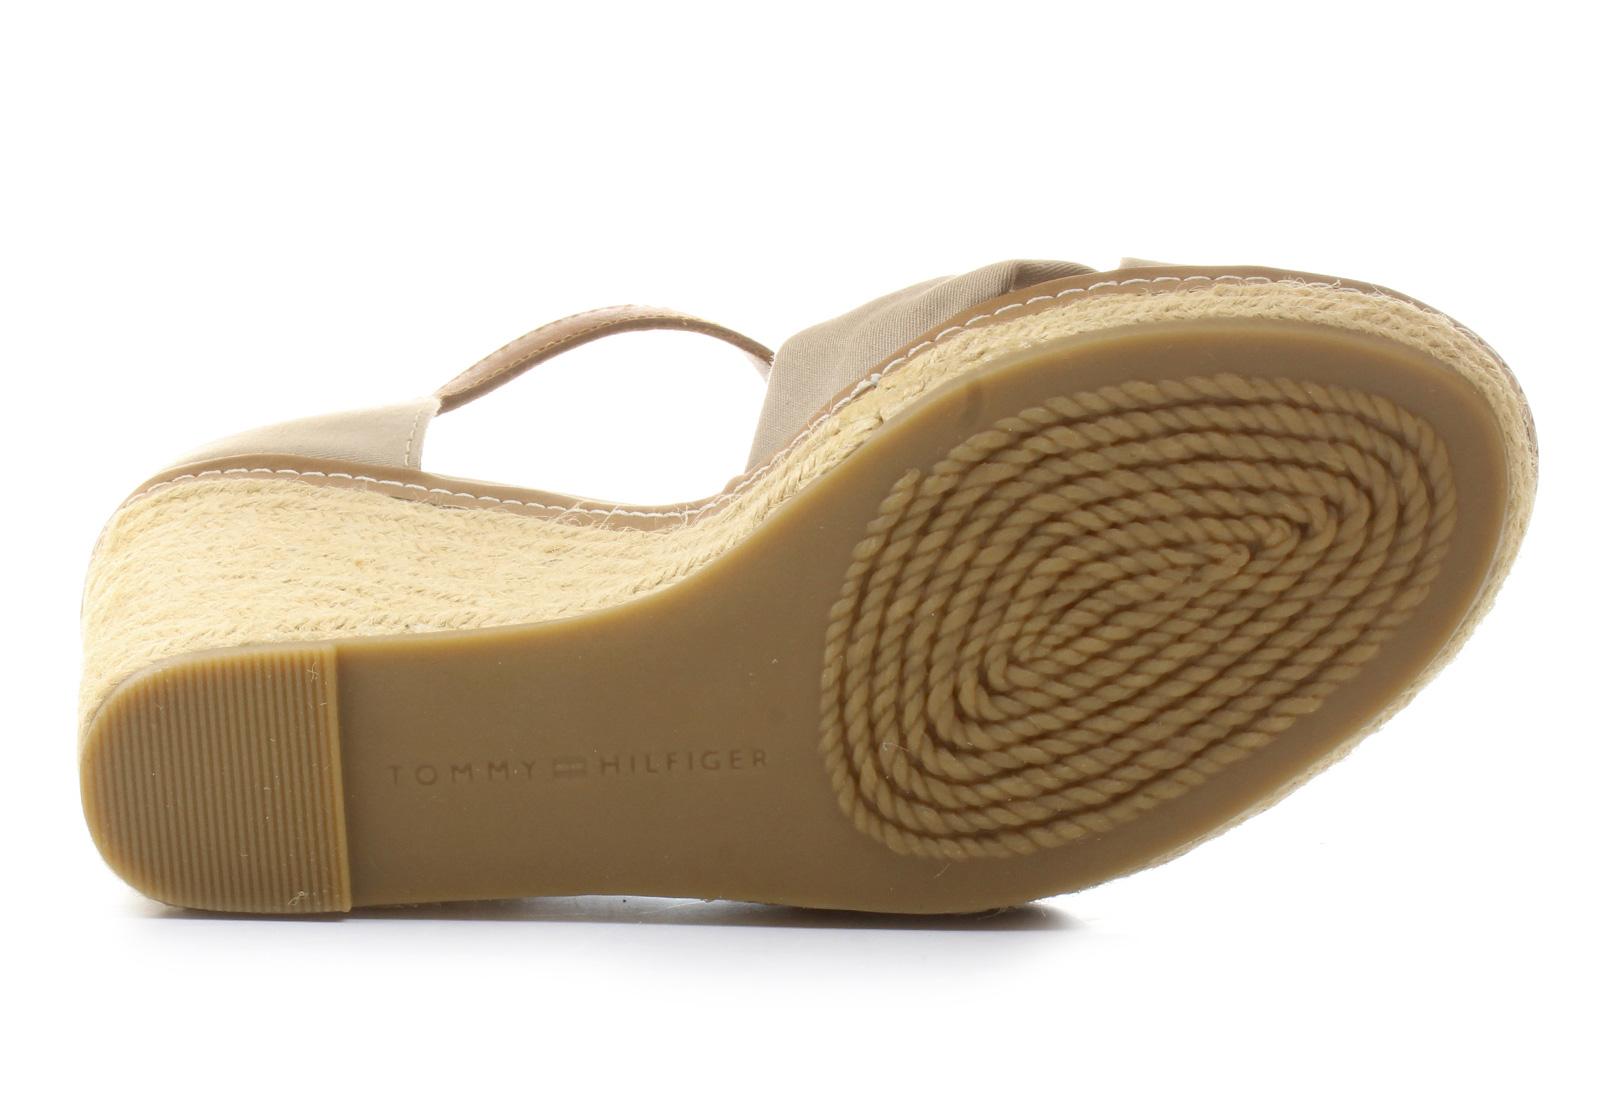 tommy hilfiger sandals emery 54d 15s 8540 938 online shop for. Black Bedroom Furniture Sets. Home Design Ideas